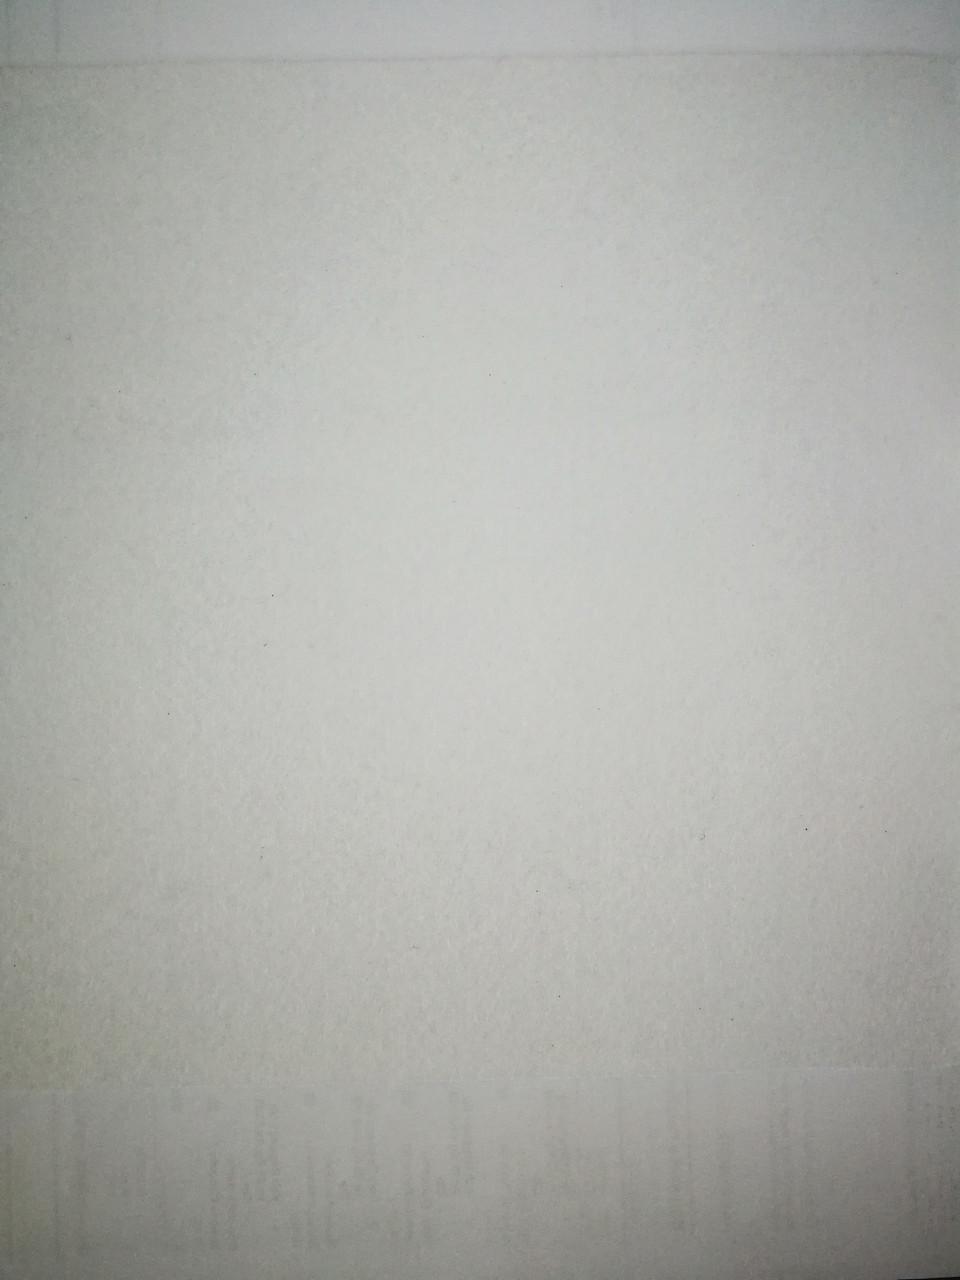 Фетр цвет белый 25смХ25см однотонный, белый снег